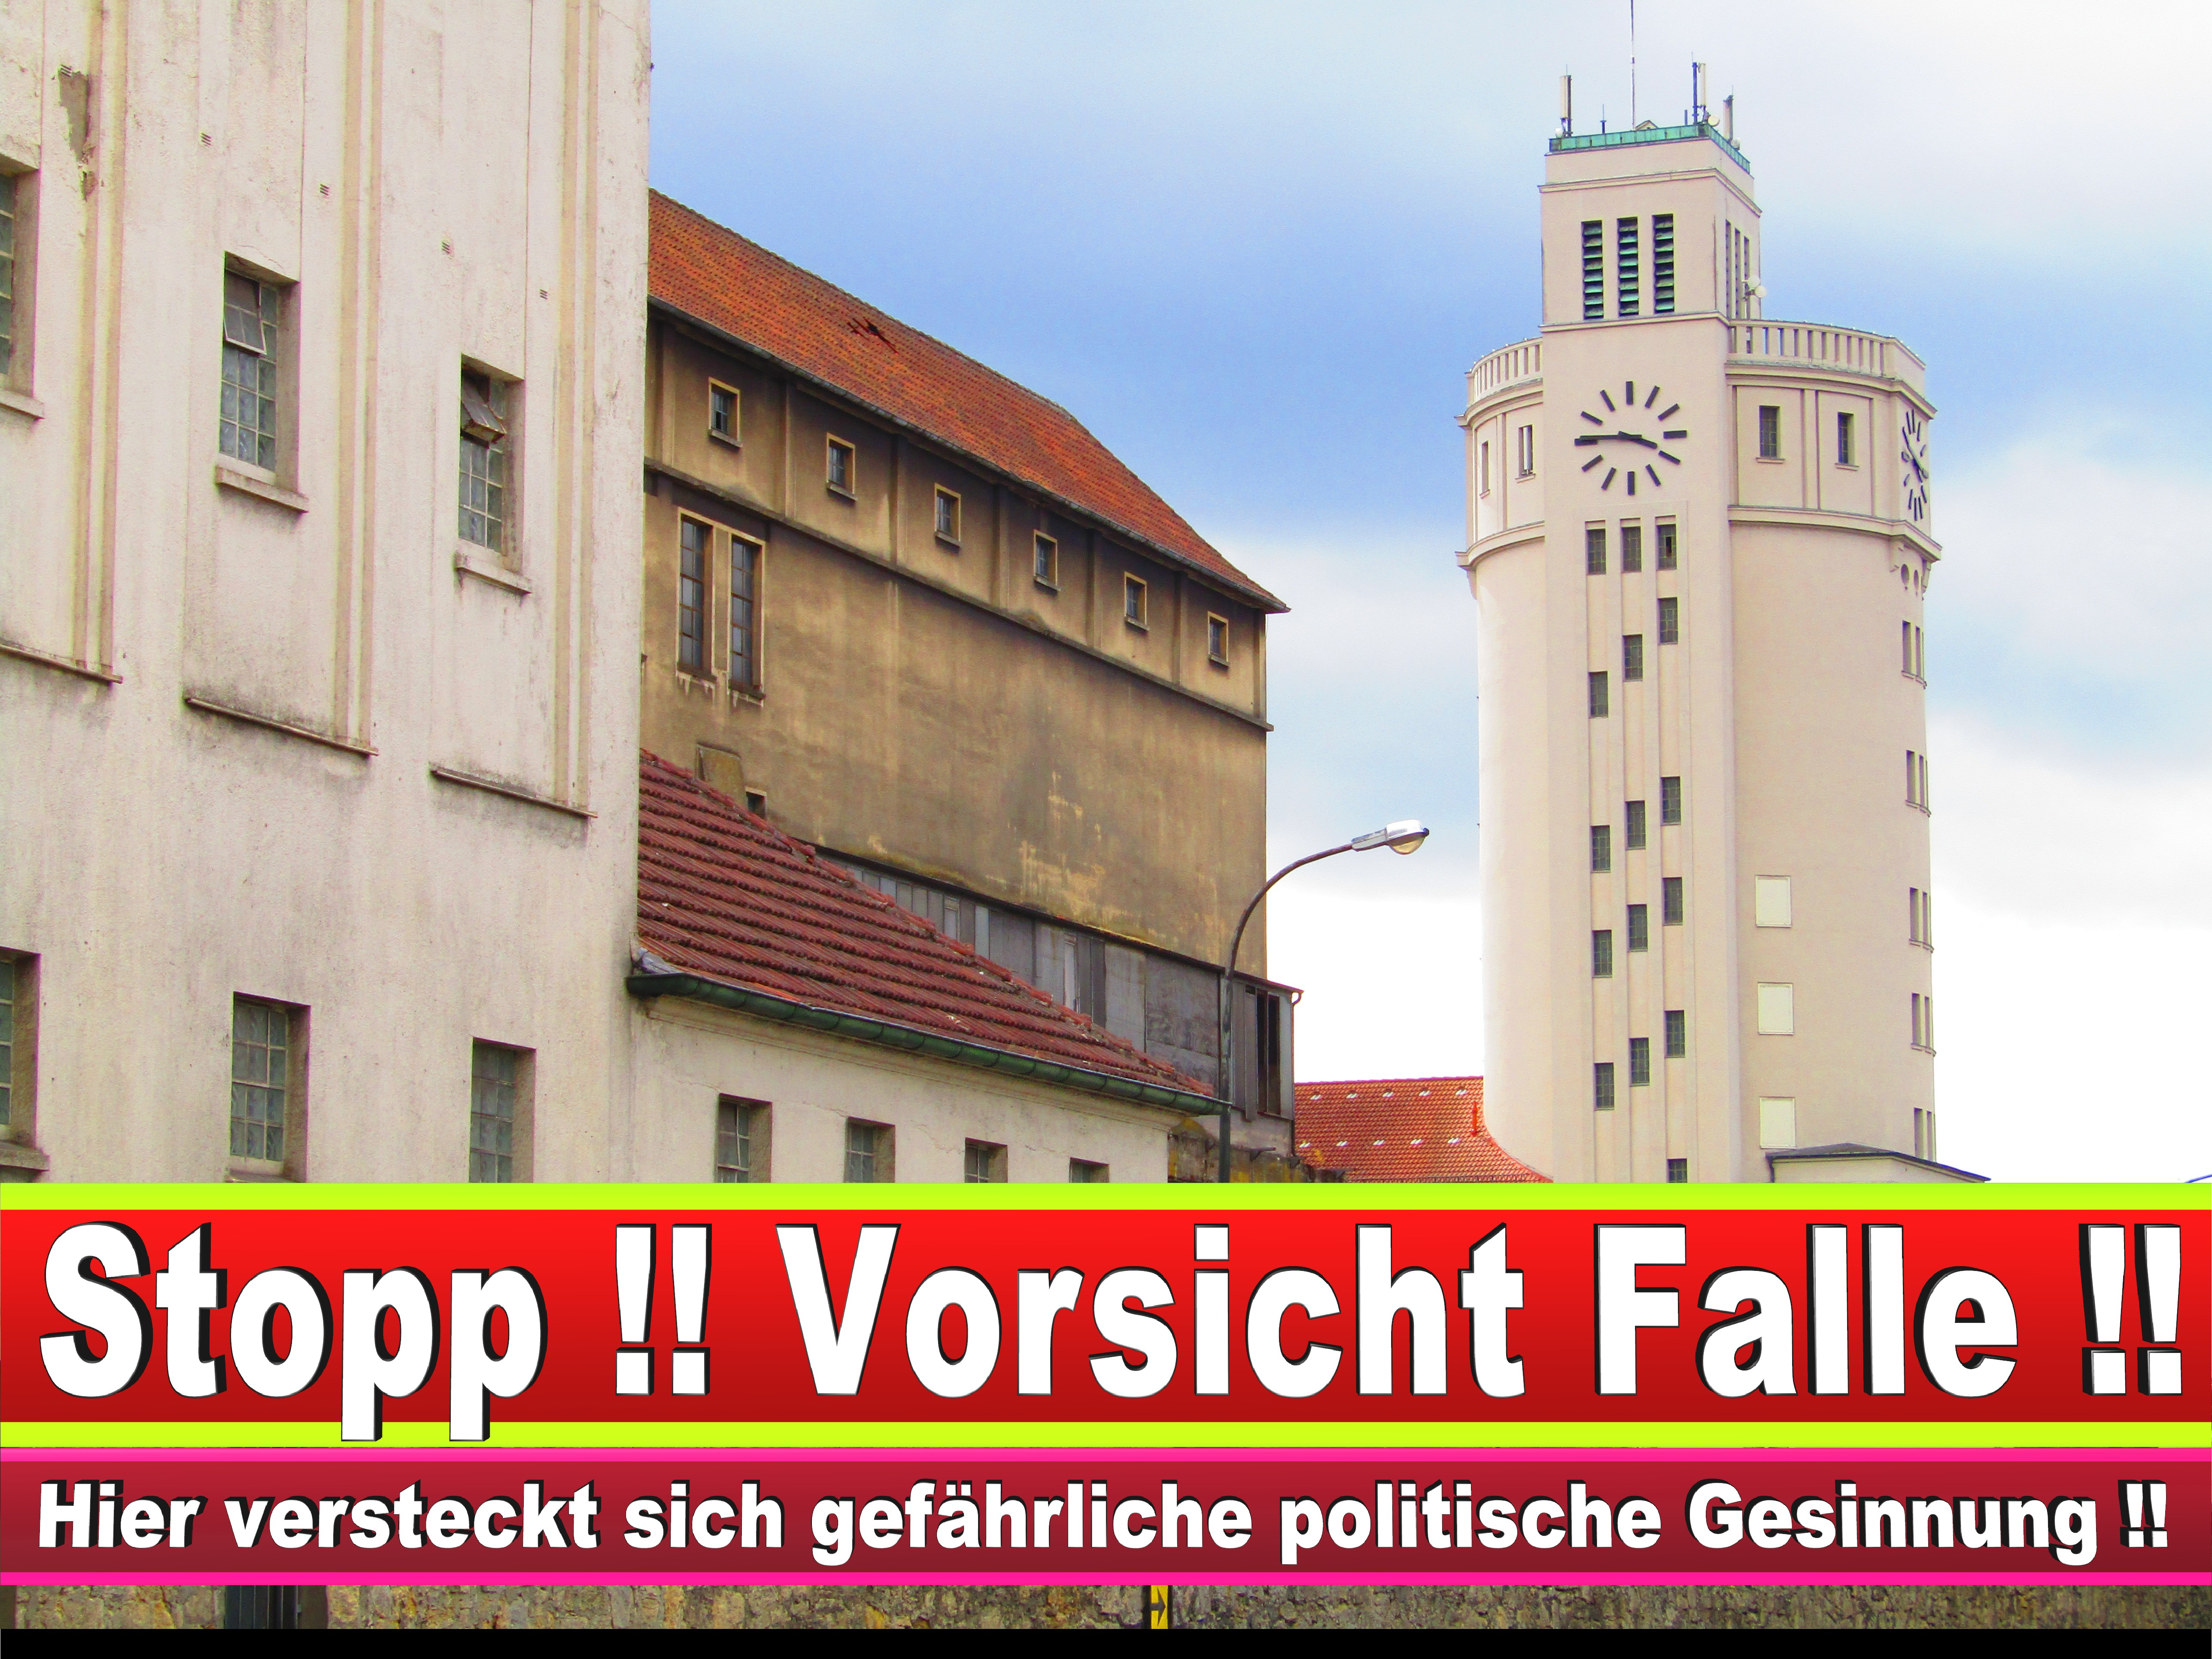 BLF LOGIFOOD Volker Bleckmann Und Detlef Dorendorf Milchstraße 15 Velbert